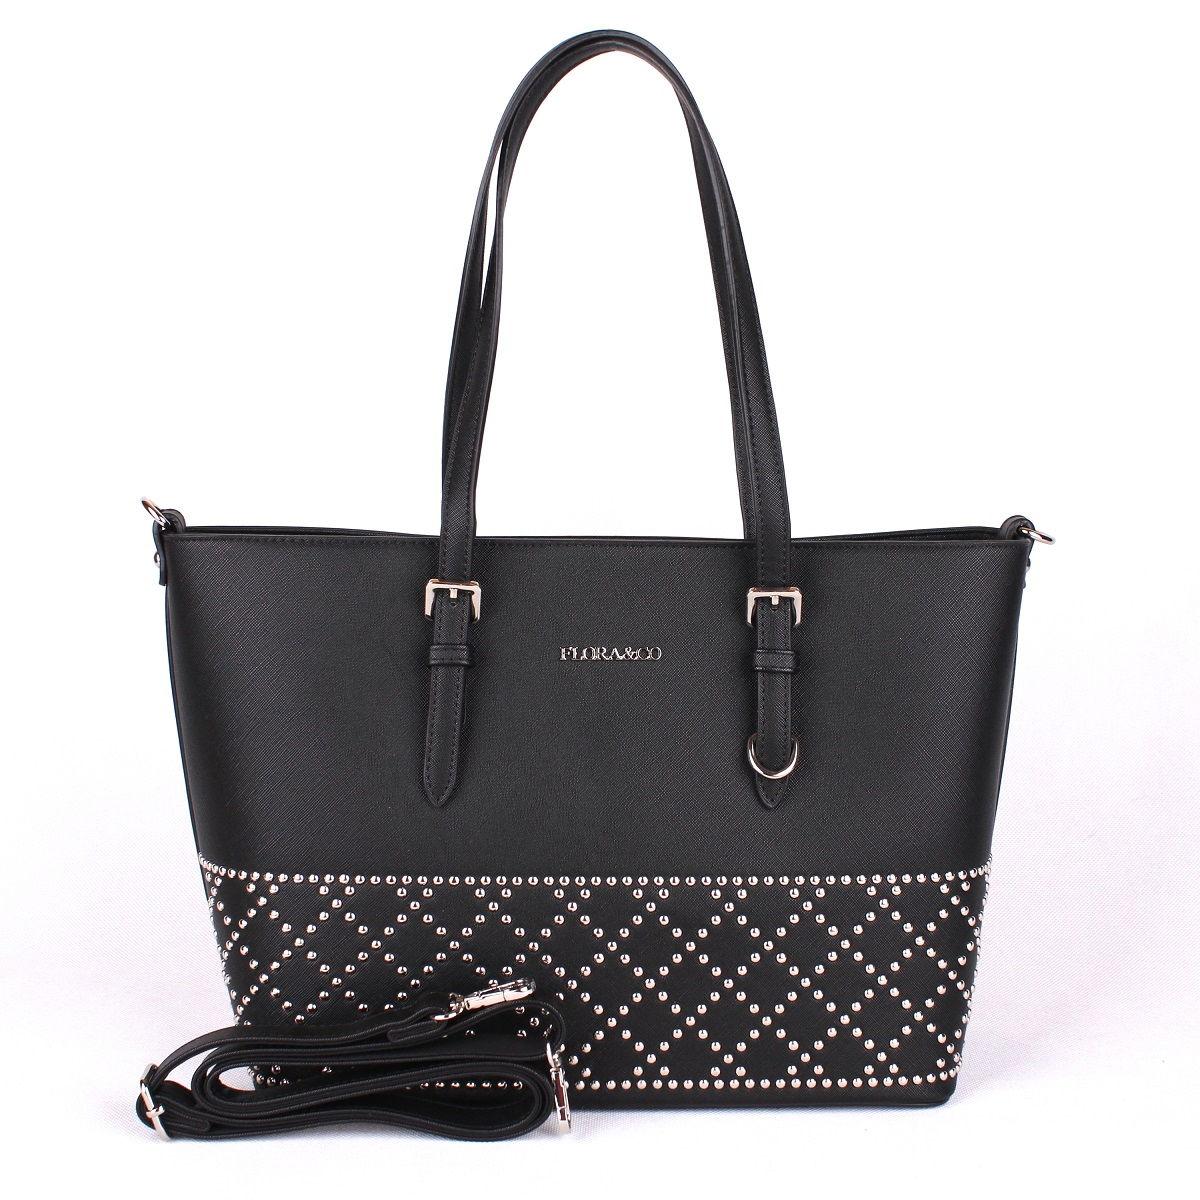 Elegantní kabelka FLORA&CO F6375 černá